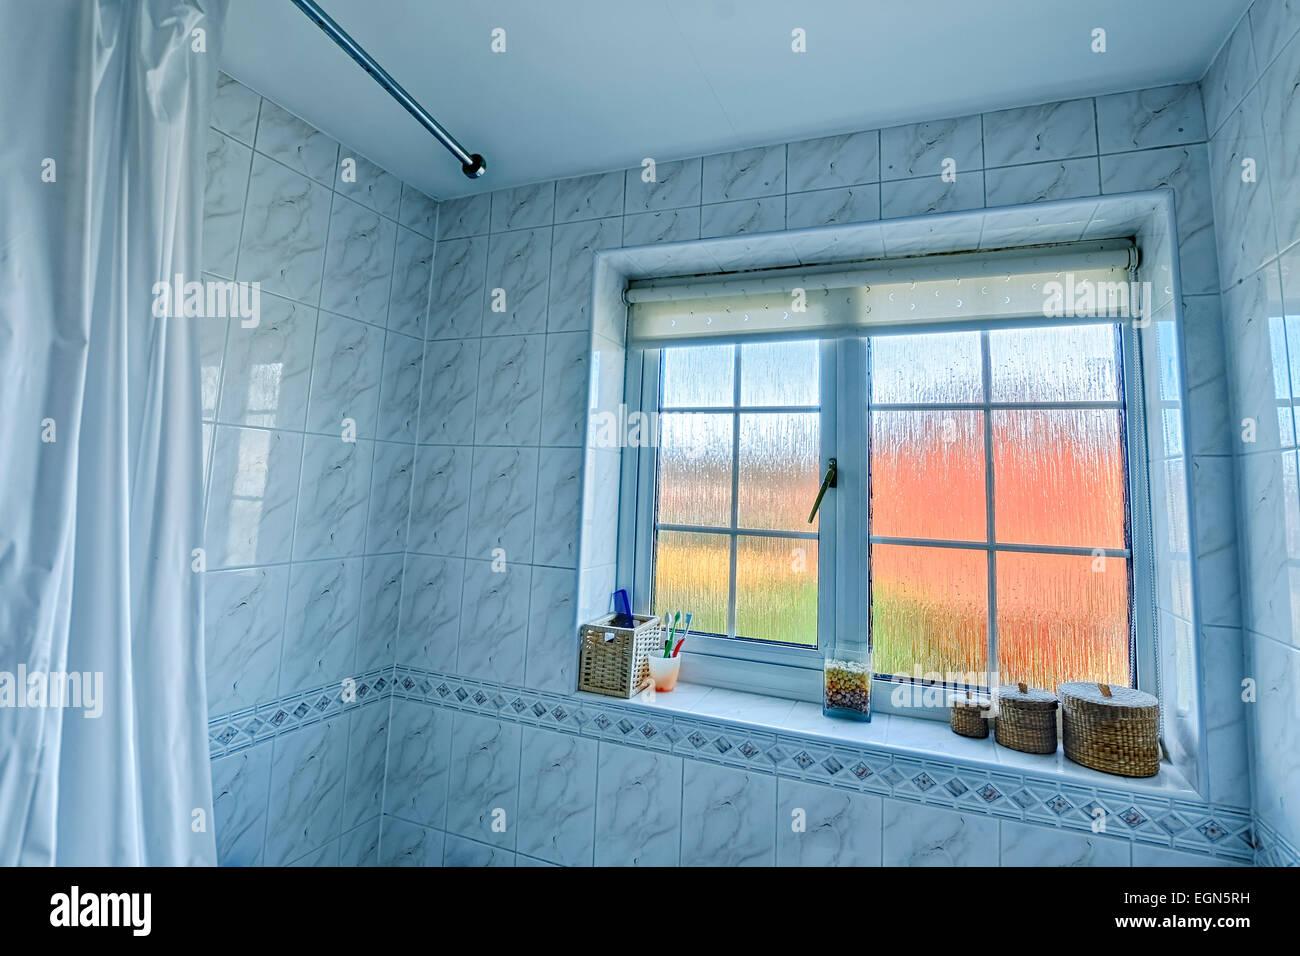 Weitwinkel Badezimmer Interieur Inc Rand Der Duschvorhang Und